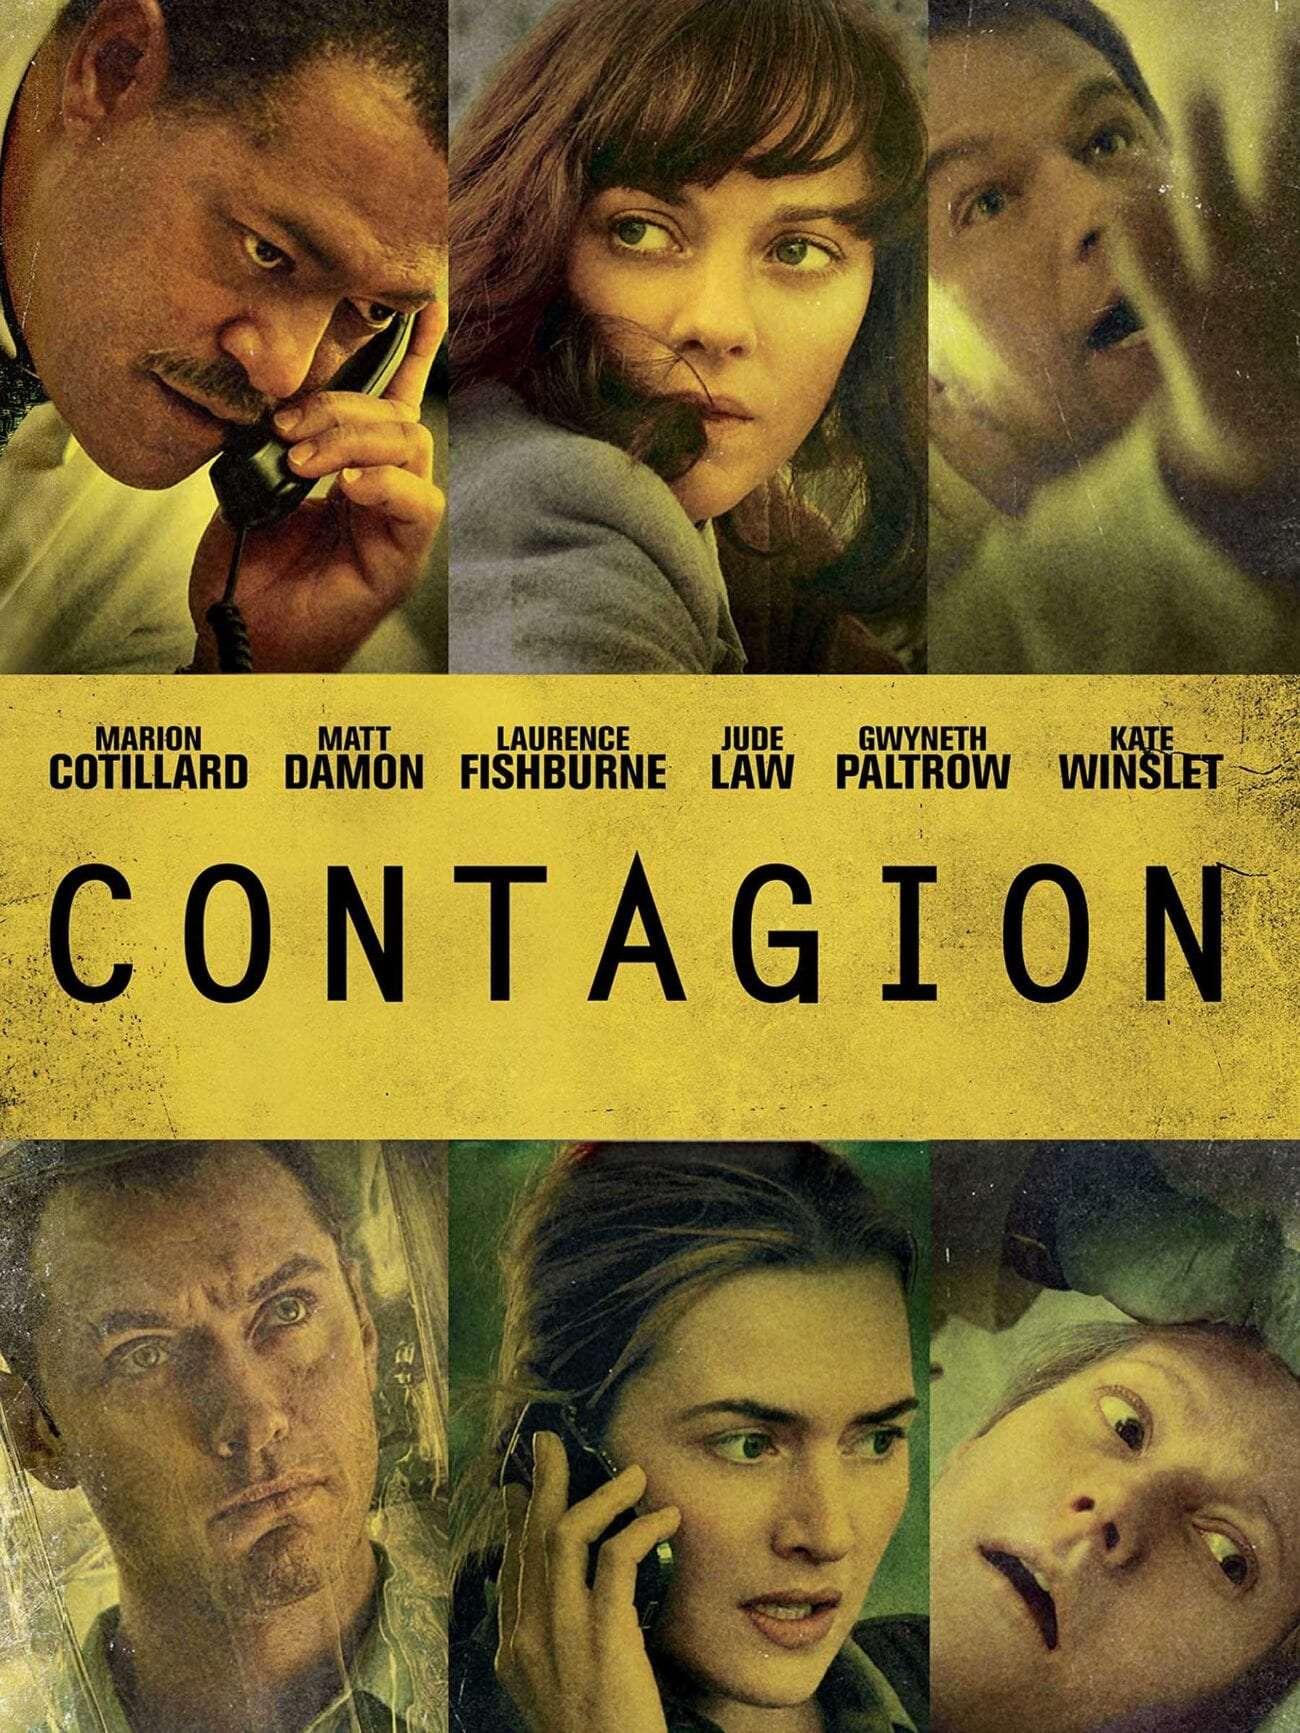 हॉरर और महामारी पर बनी फिल्में देखने वाले फैन कोरोना से लडऩे में ज्यादा सक्षम-शोध